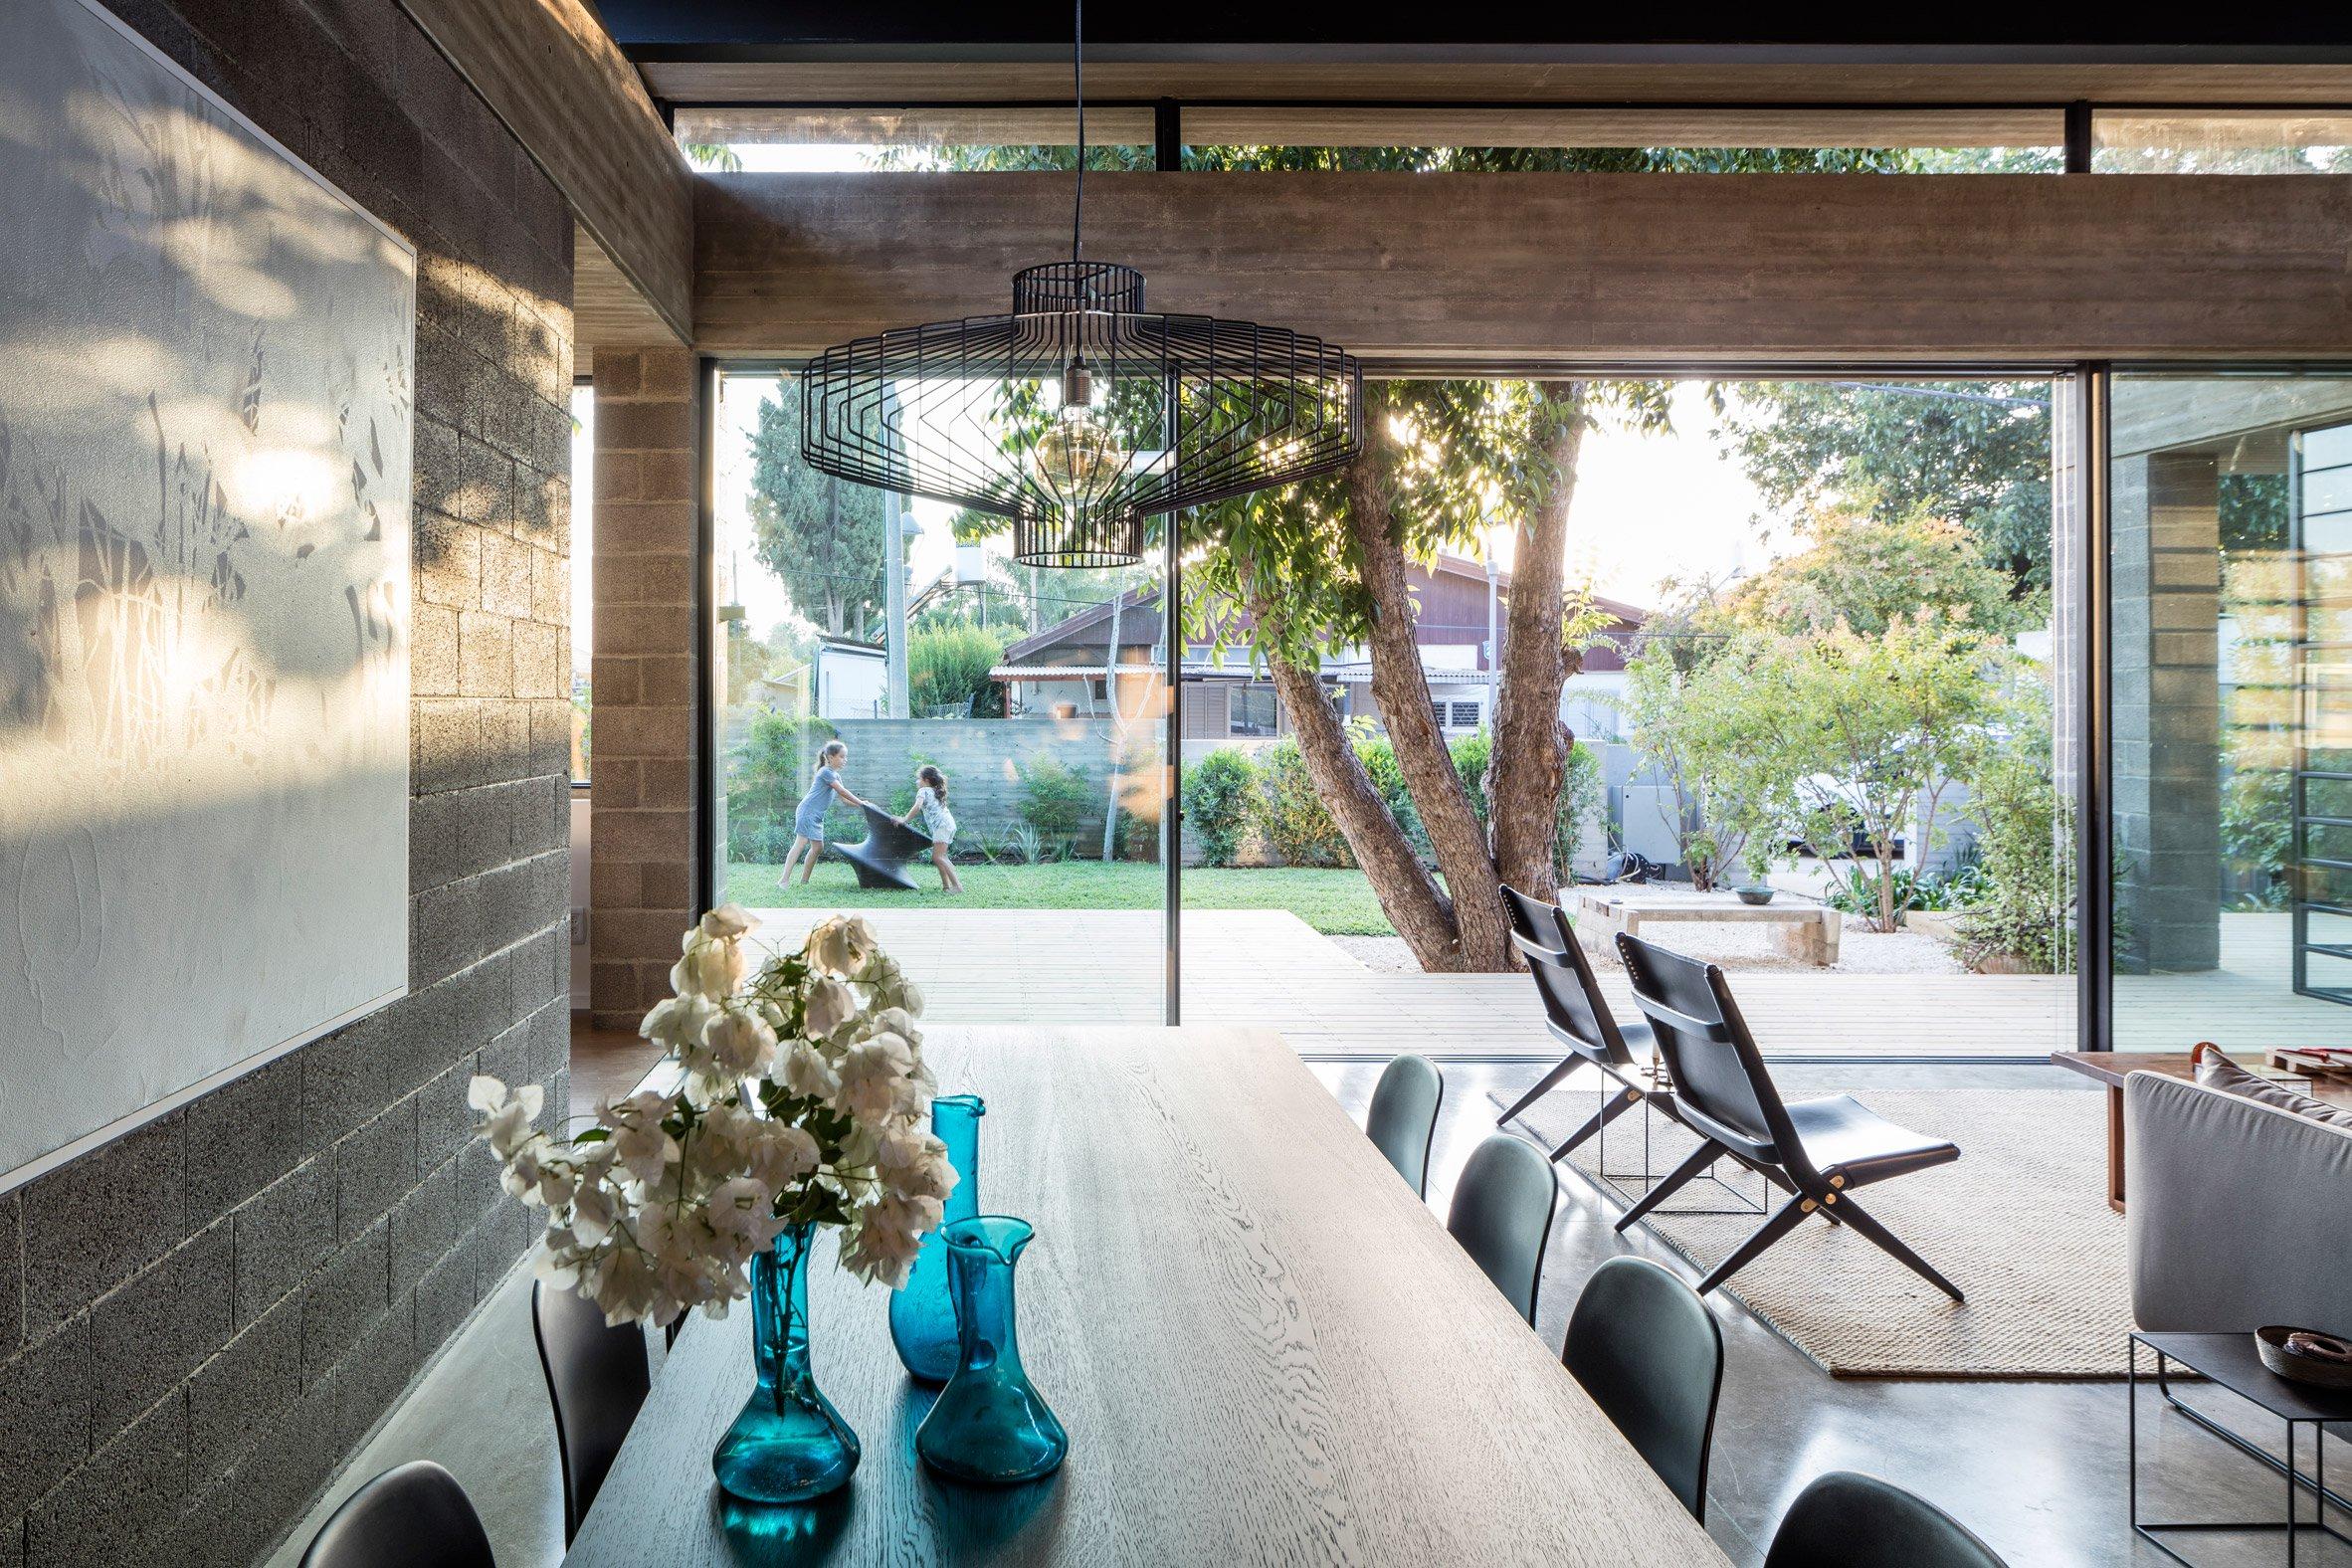 nha dep nuoc ngoai bare house 8 - Bare House – Ngôi nhà mang lại những thoáng nhìn lên bầu trời và những ngọn cây